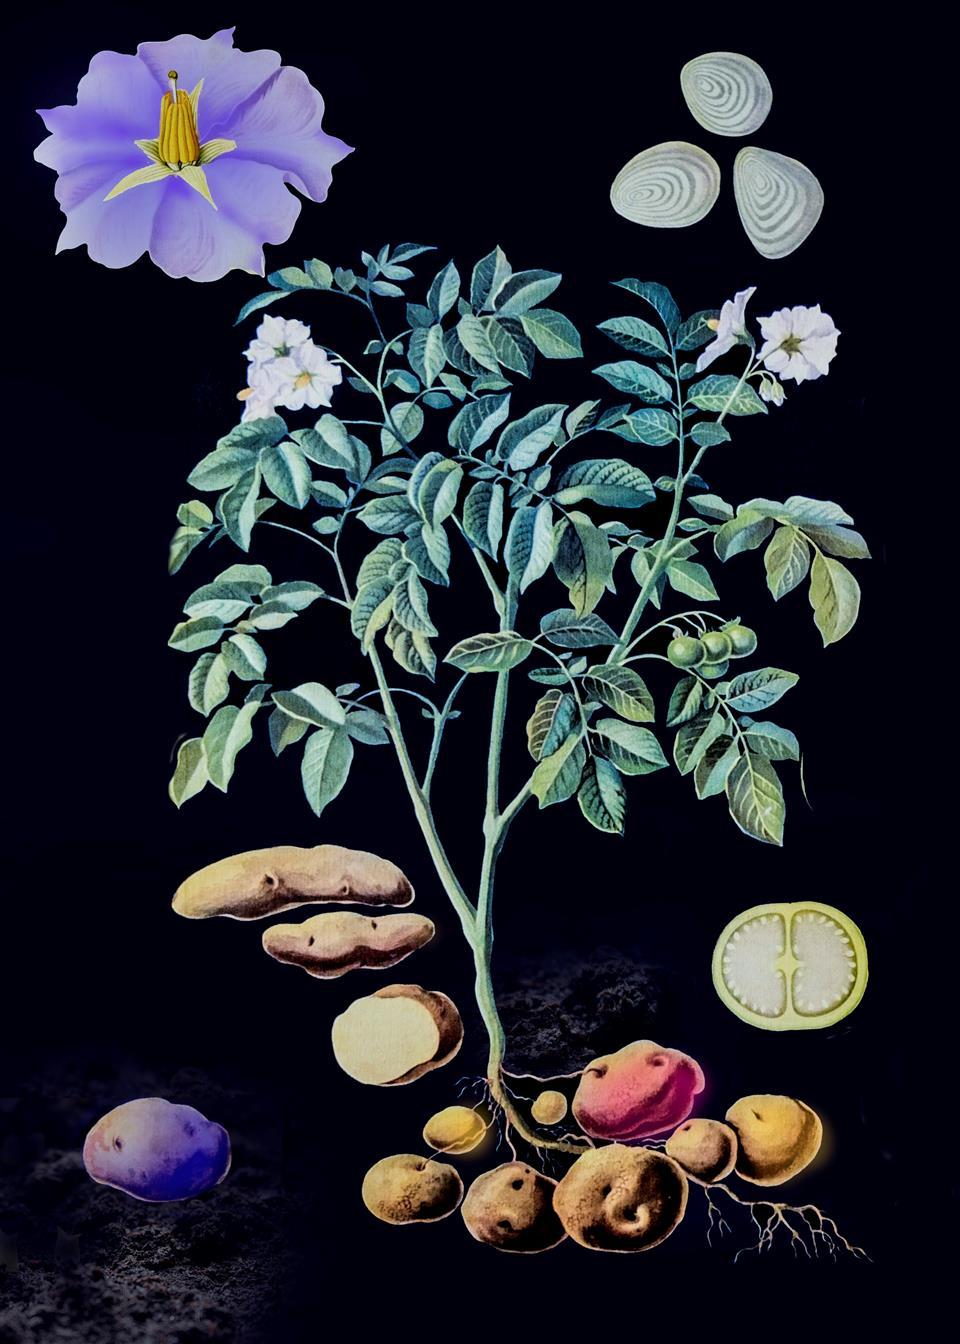 potatisrebeller